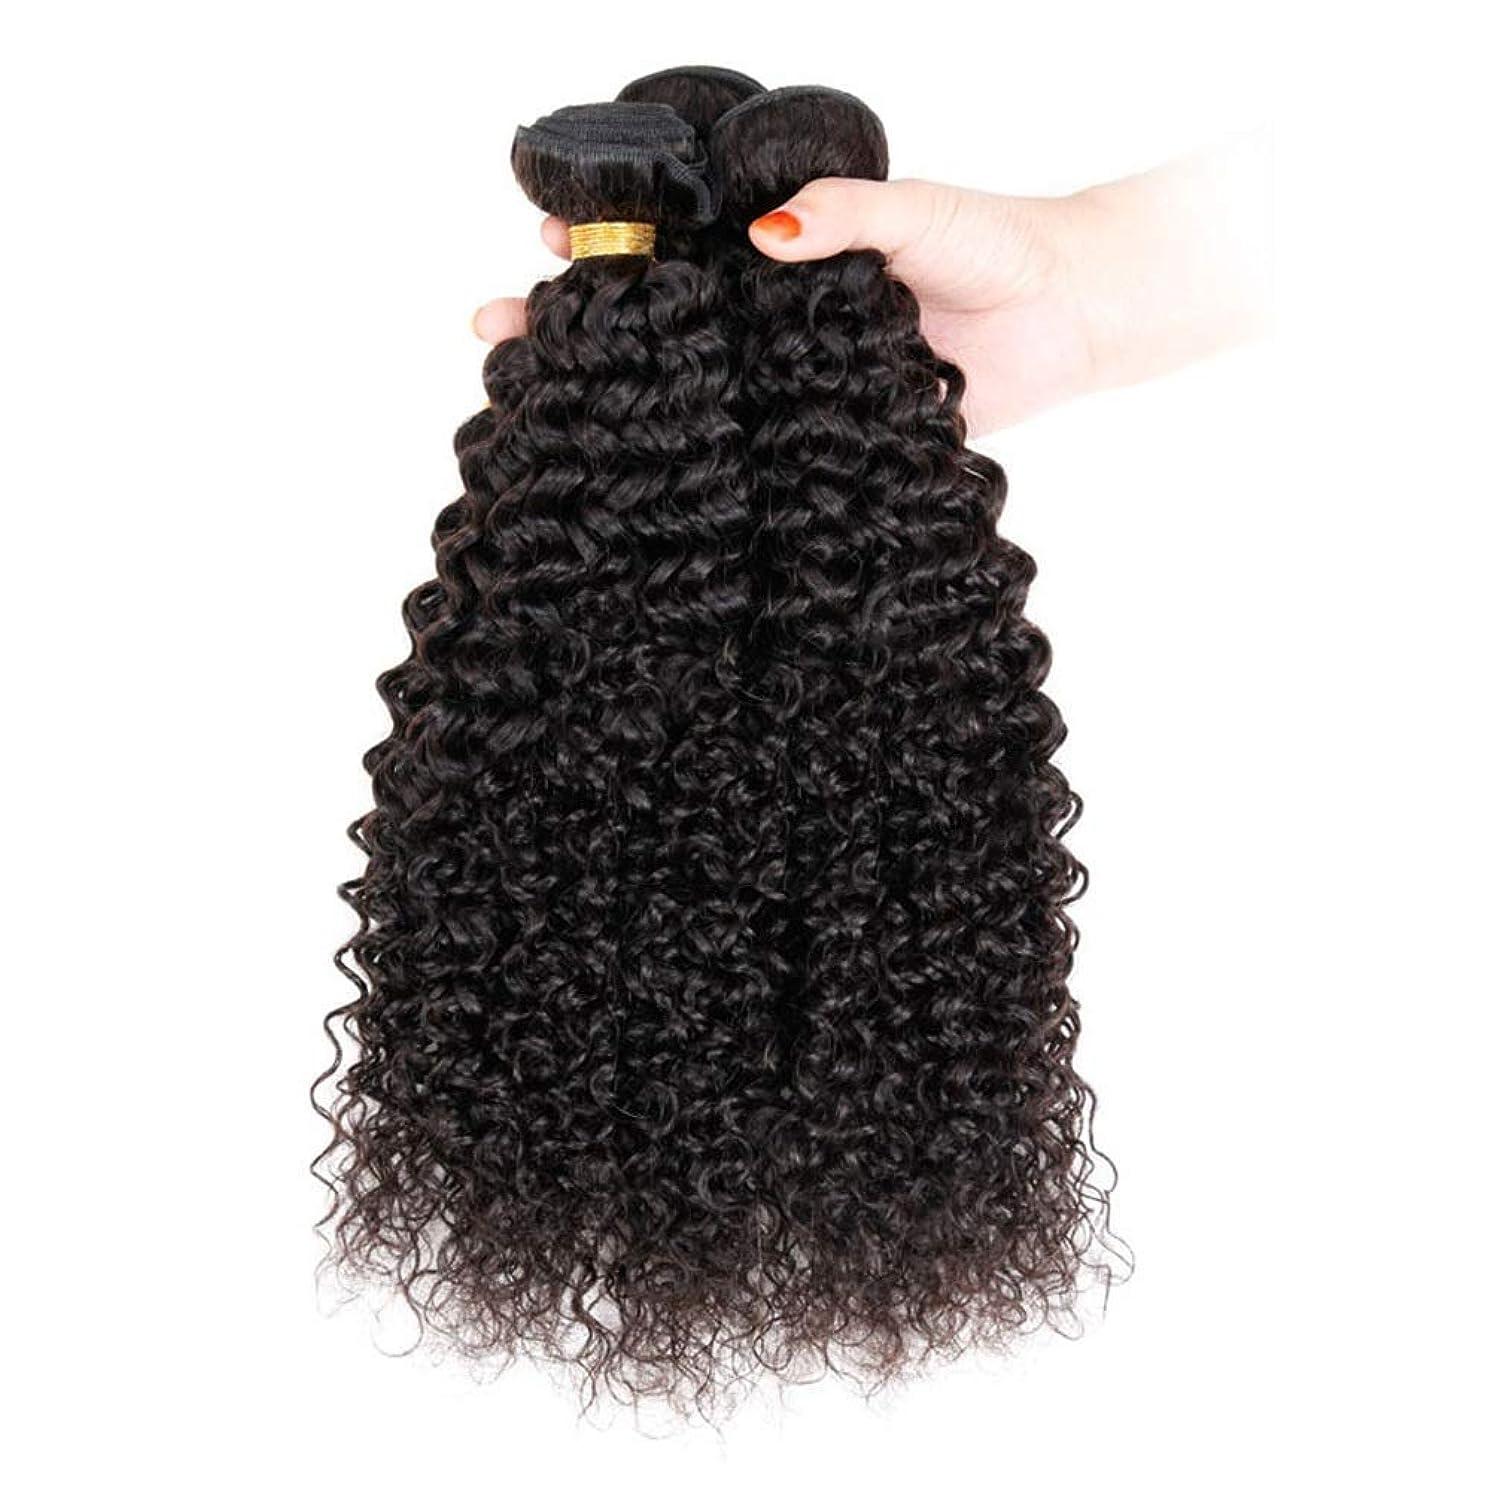 に負けるアクセント危険なかつら 未処理のブラジル人毛エクステンション変態カーリーヘア織り1束(50 +/- 5g)/ pc(12インチ-30インチ)小さなカーリーウィッグ (色 : 黒, サイズ : 14 inch)